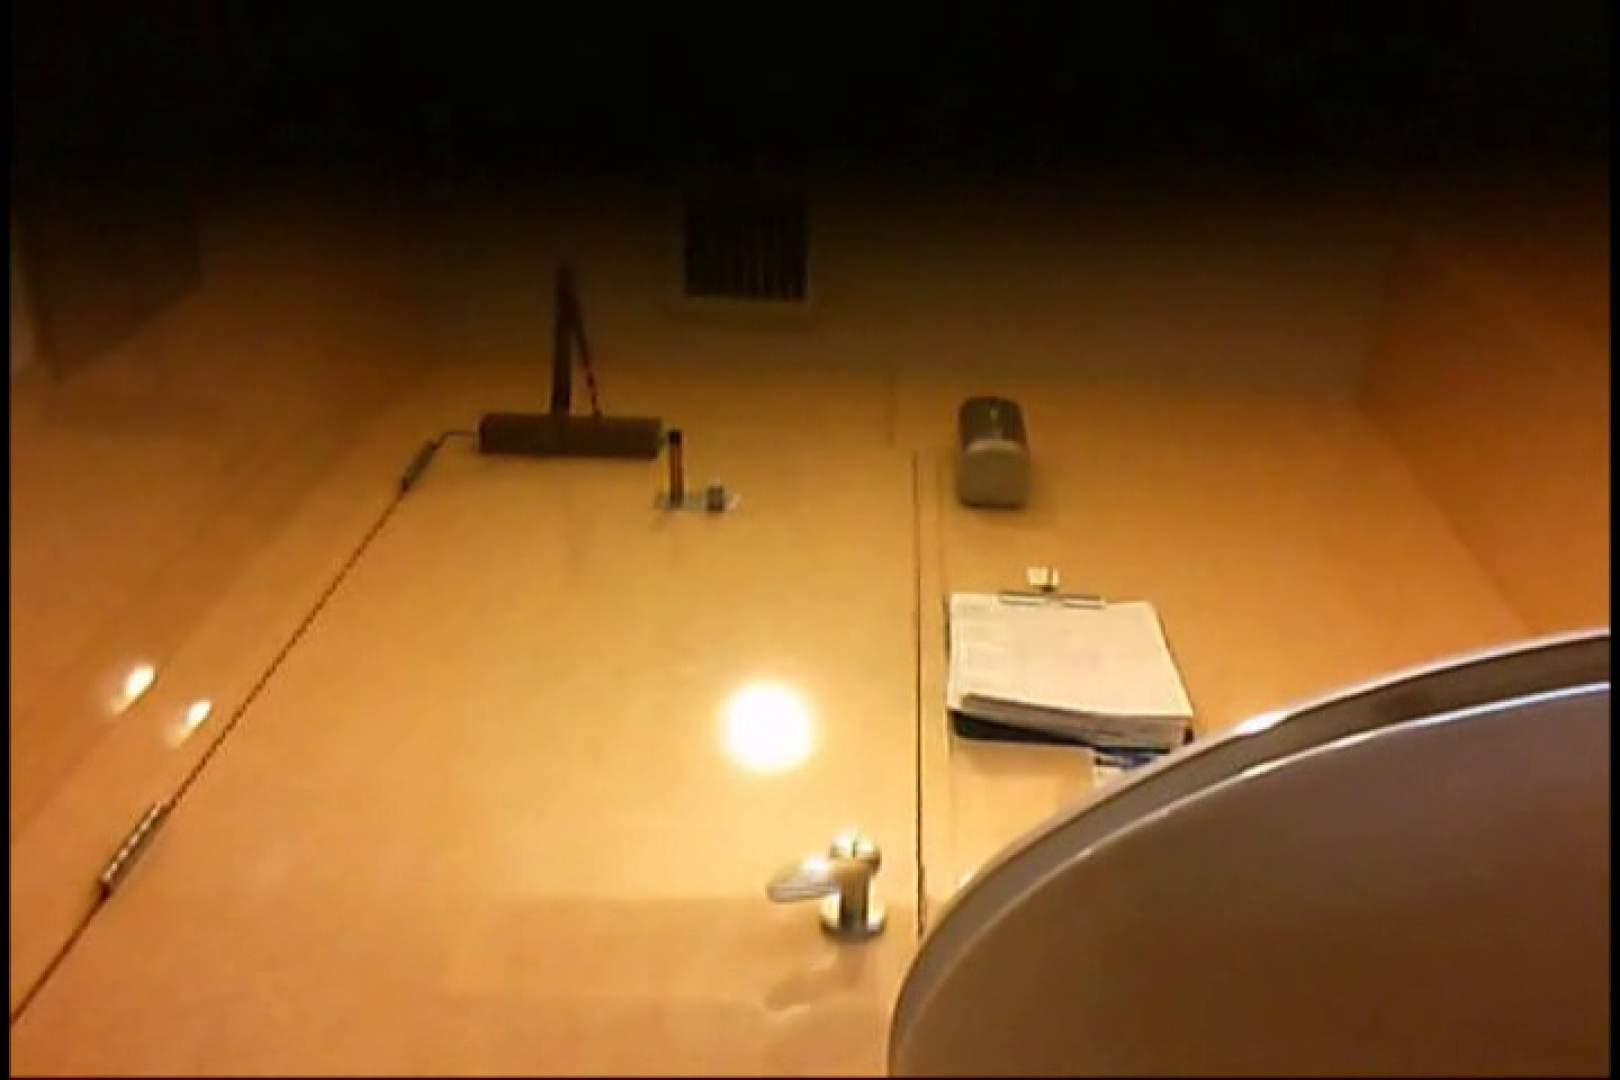 実録!魂の女子化粧室盗撮!!~隠れ潜む特殊カメラ~vo,05 熟女のエロ動画 われめAV動画紹介 79PIX 41